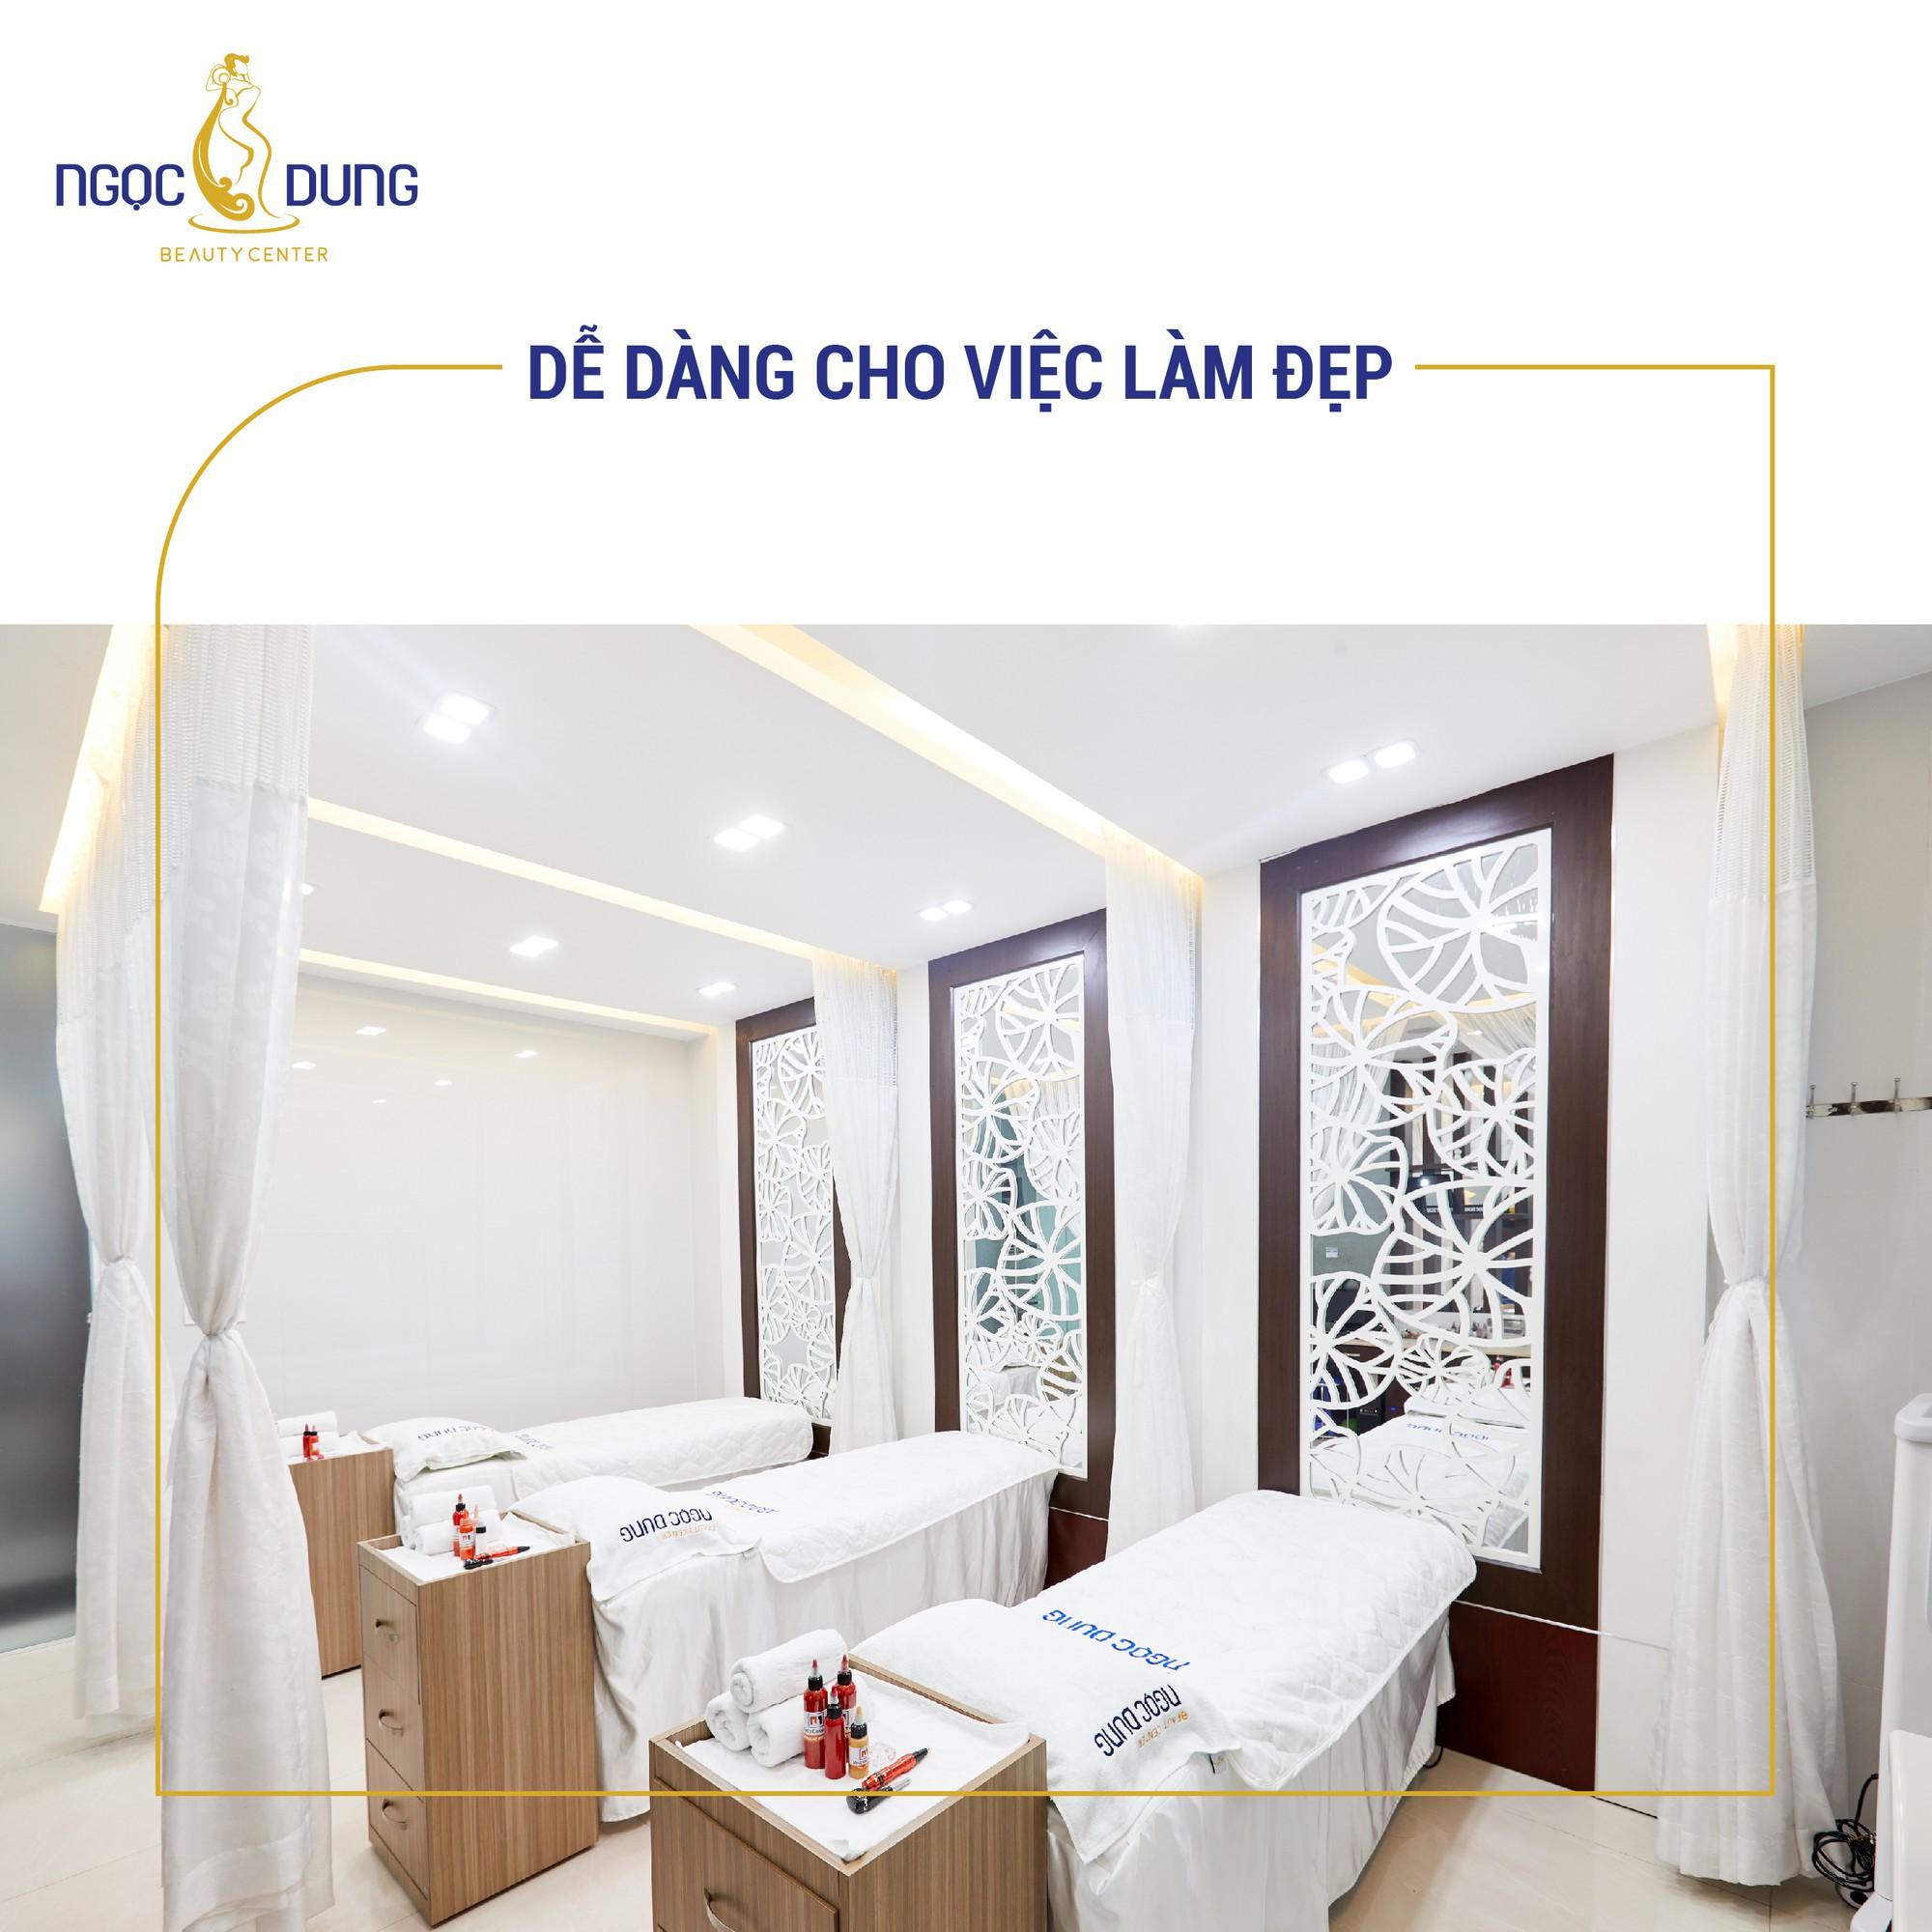 Xuất hiện thẩm mỹ viện sang chảnh tại Nha Trang khiến phái đẹp trầm trồ - Ảnh 1.